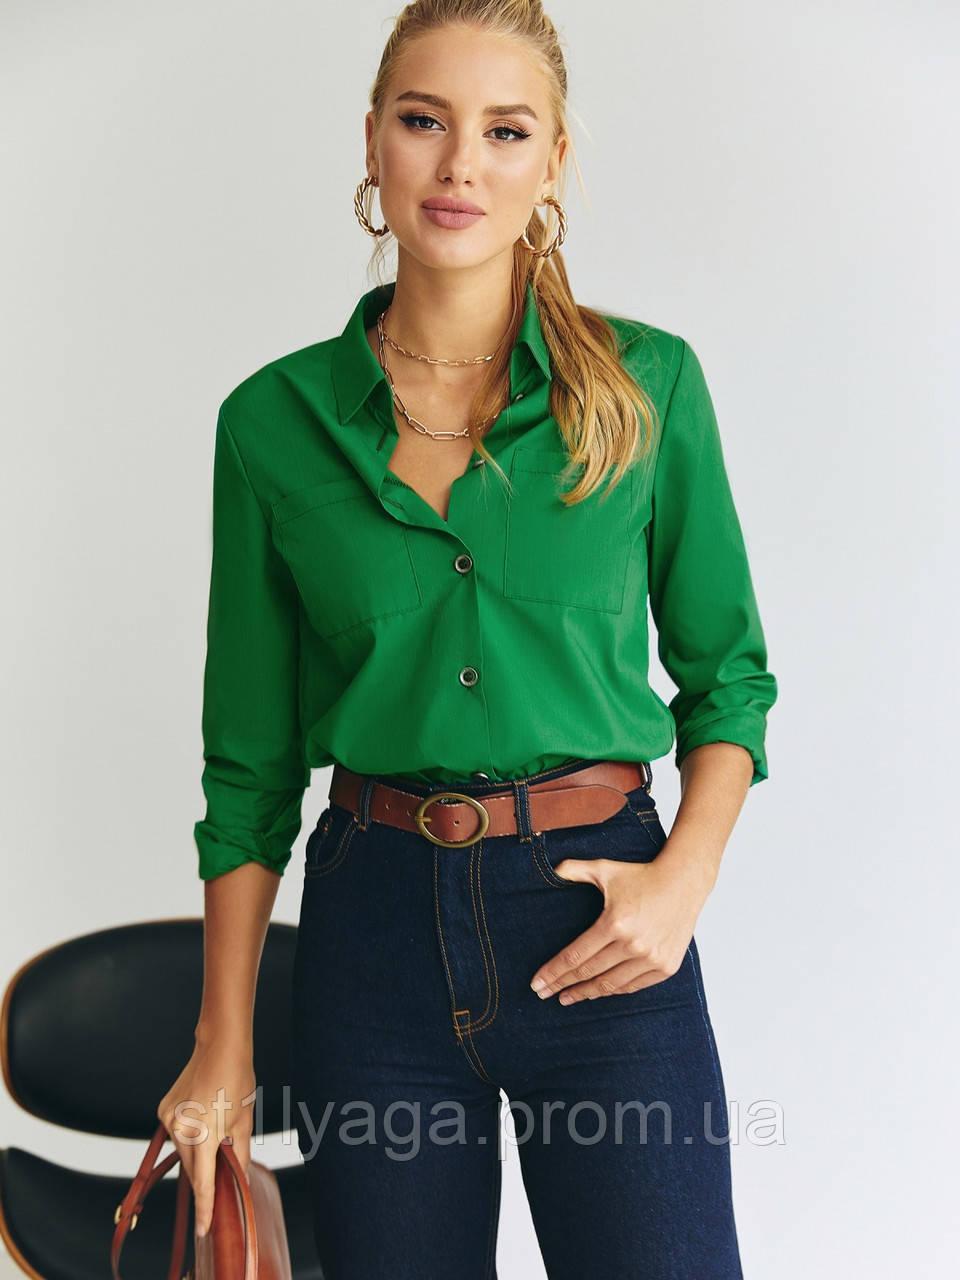 Яркая зеленая рубашка с длинным рукавом